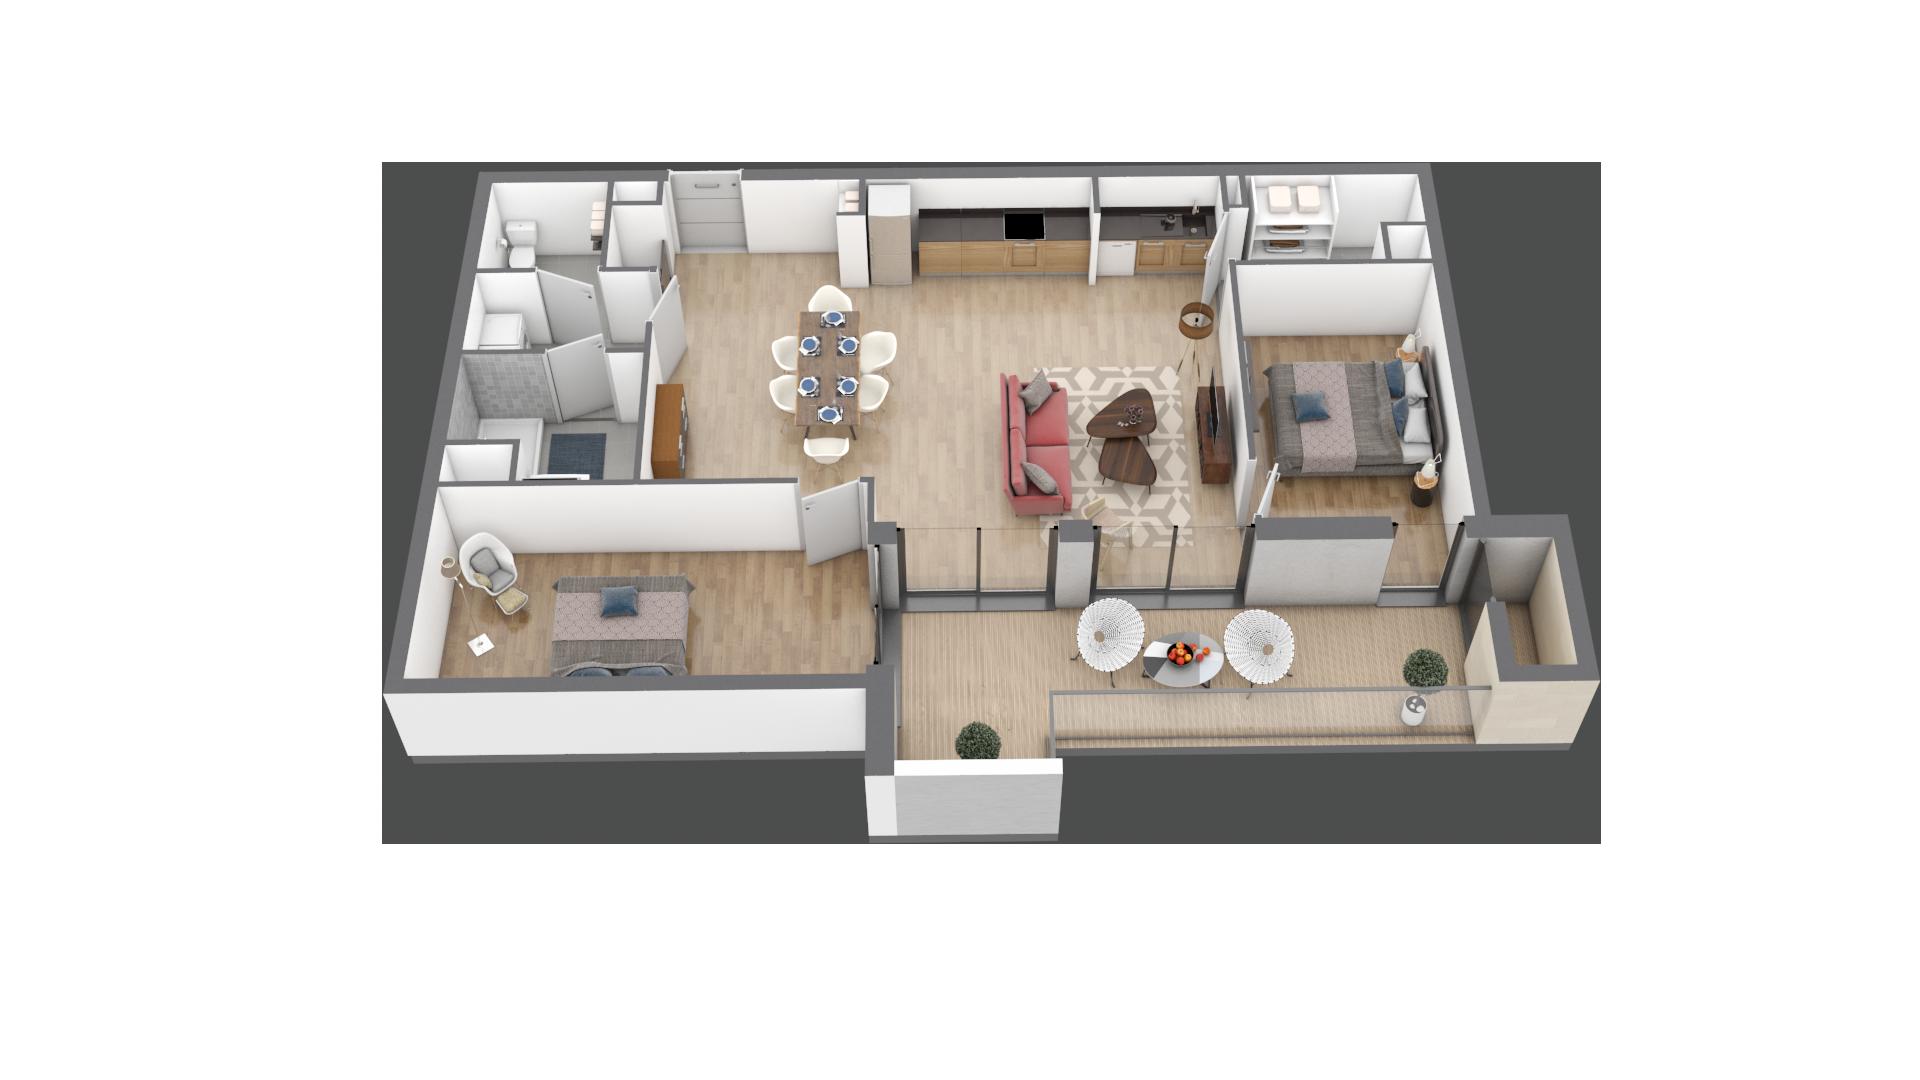 appartement B105 de type T3